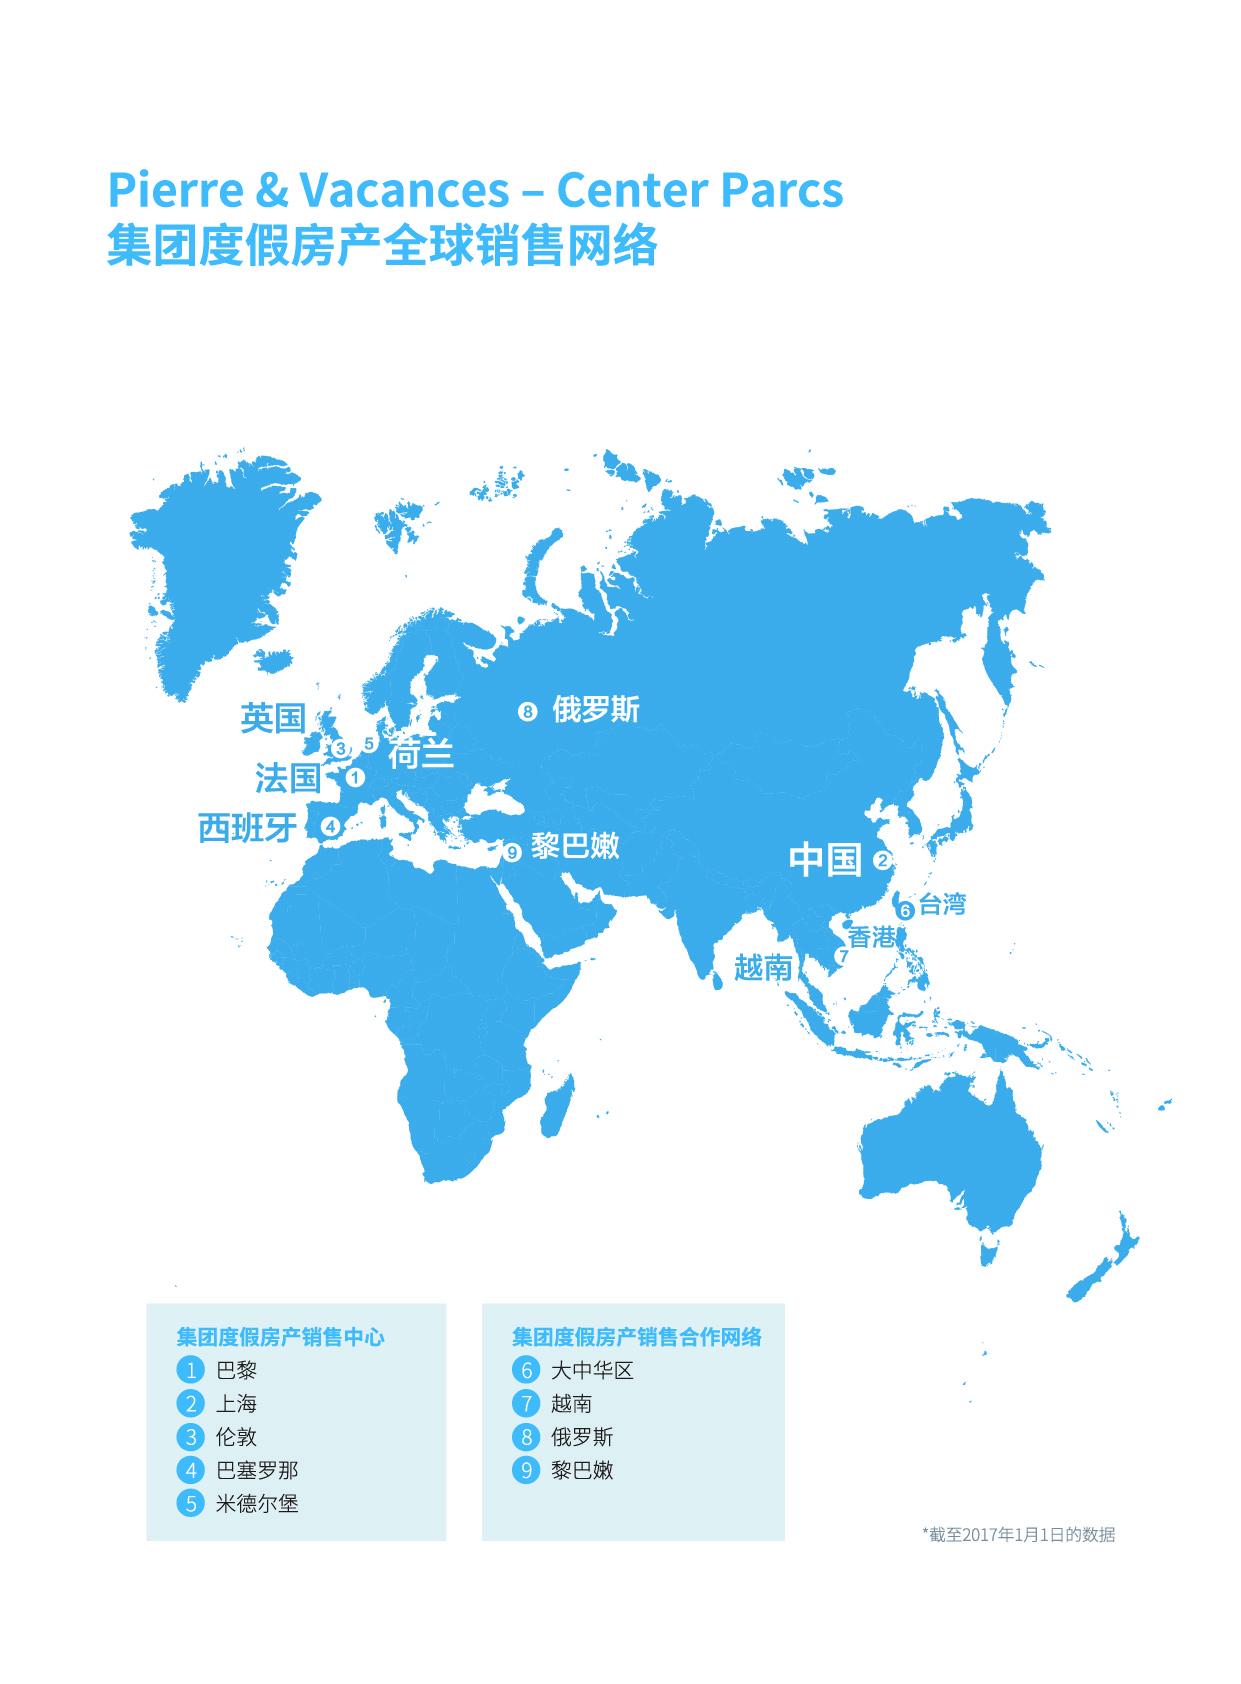 全球房产销售网络